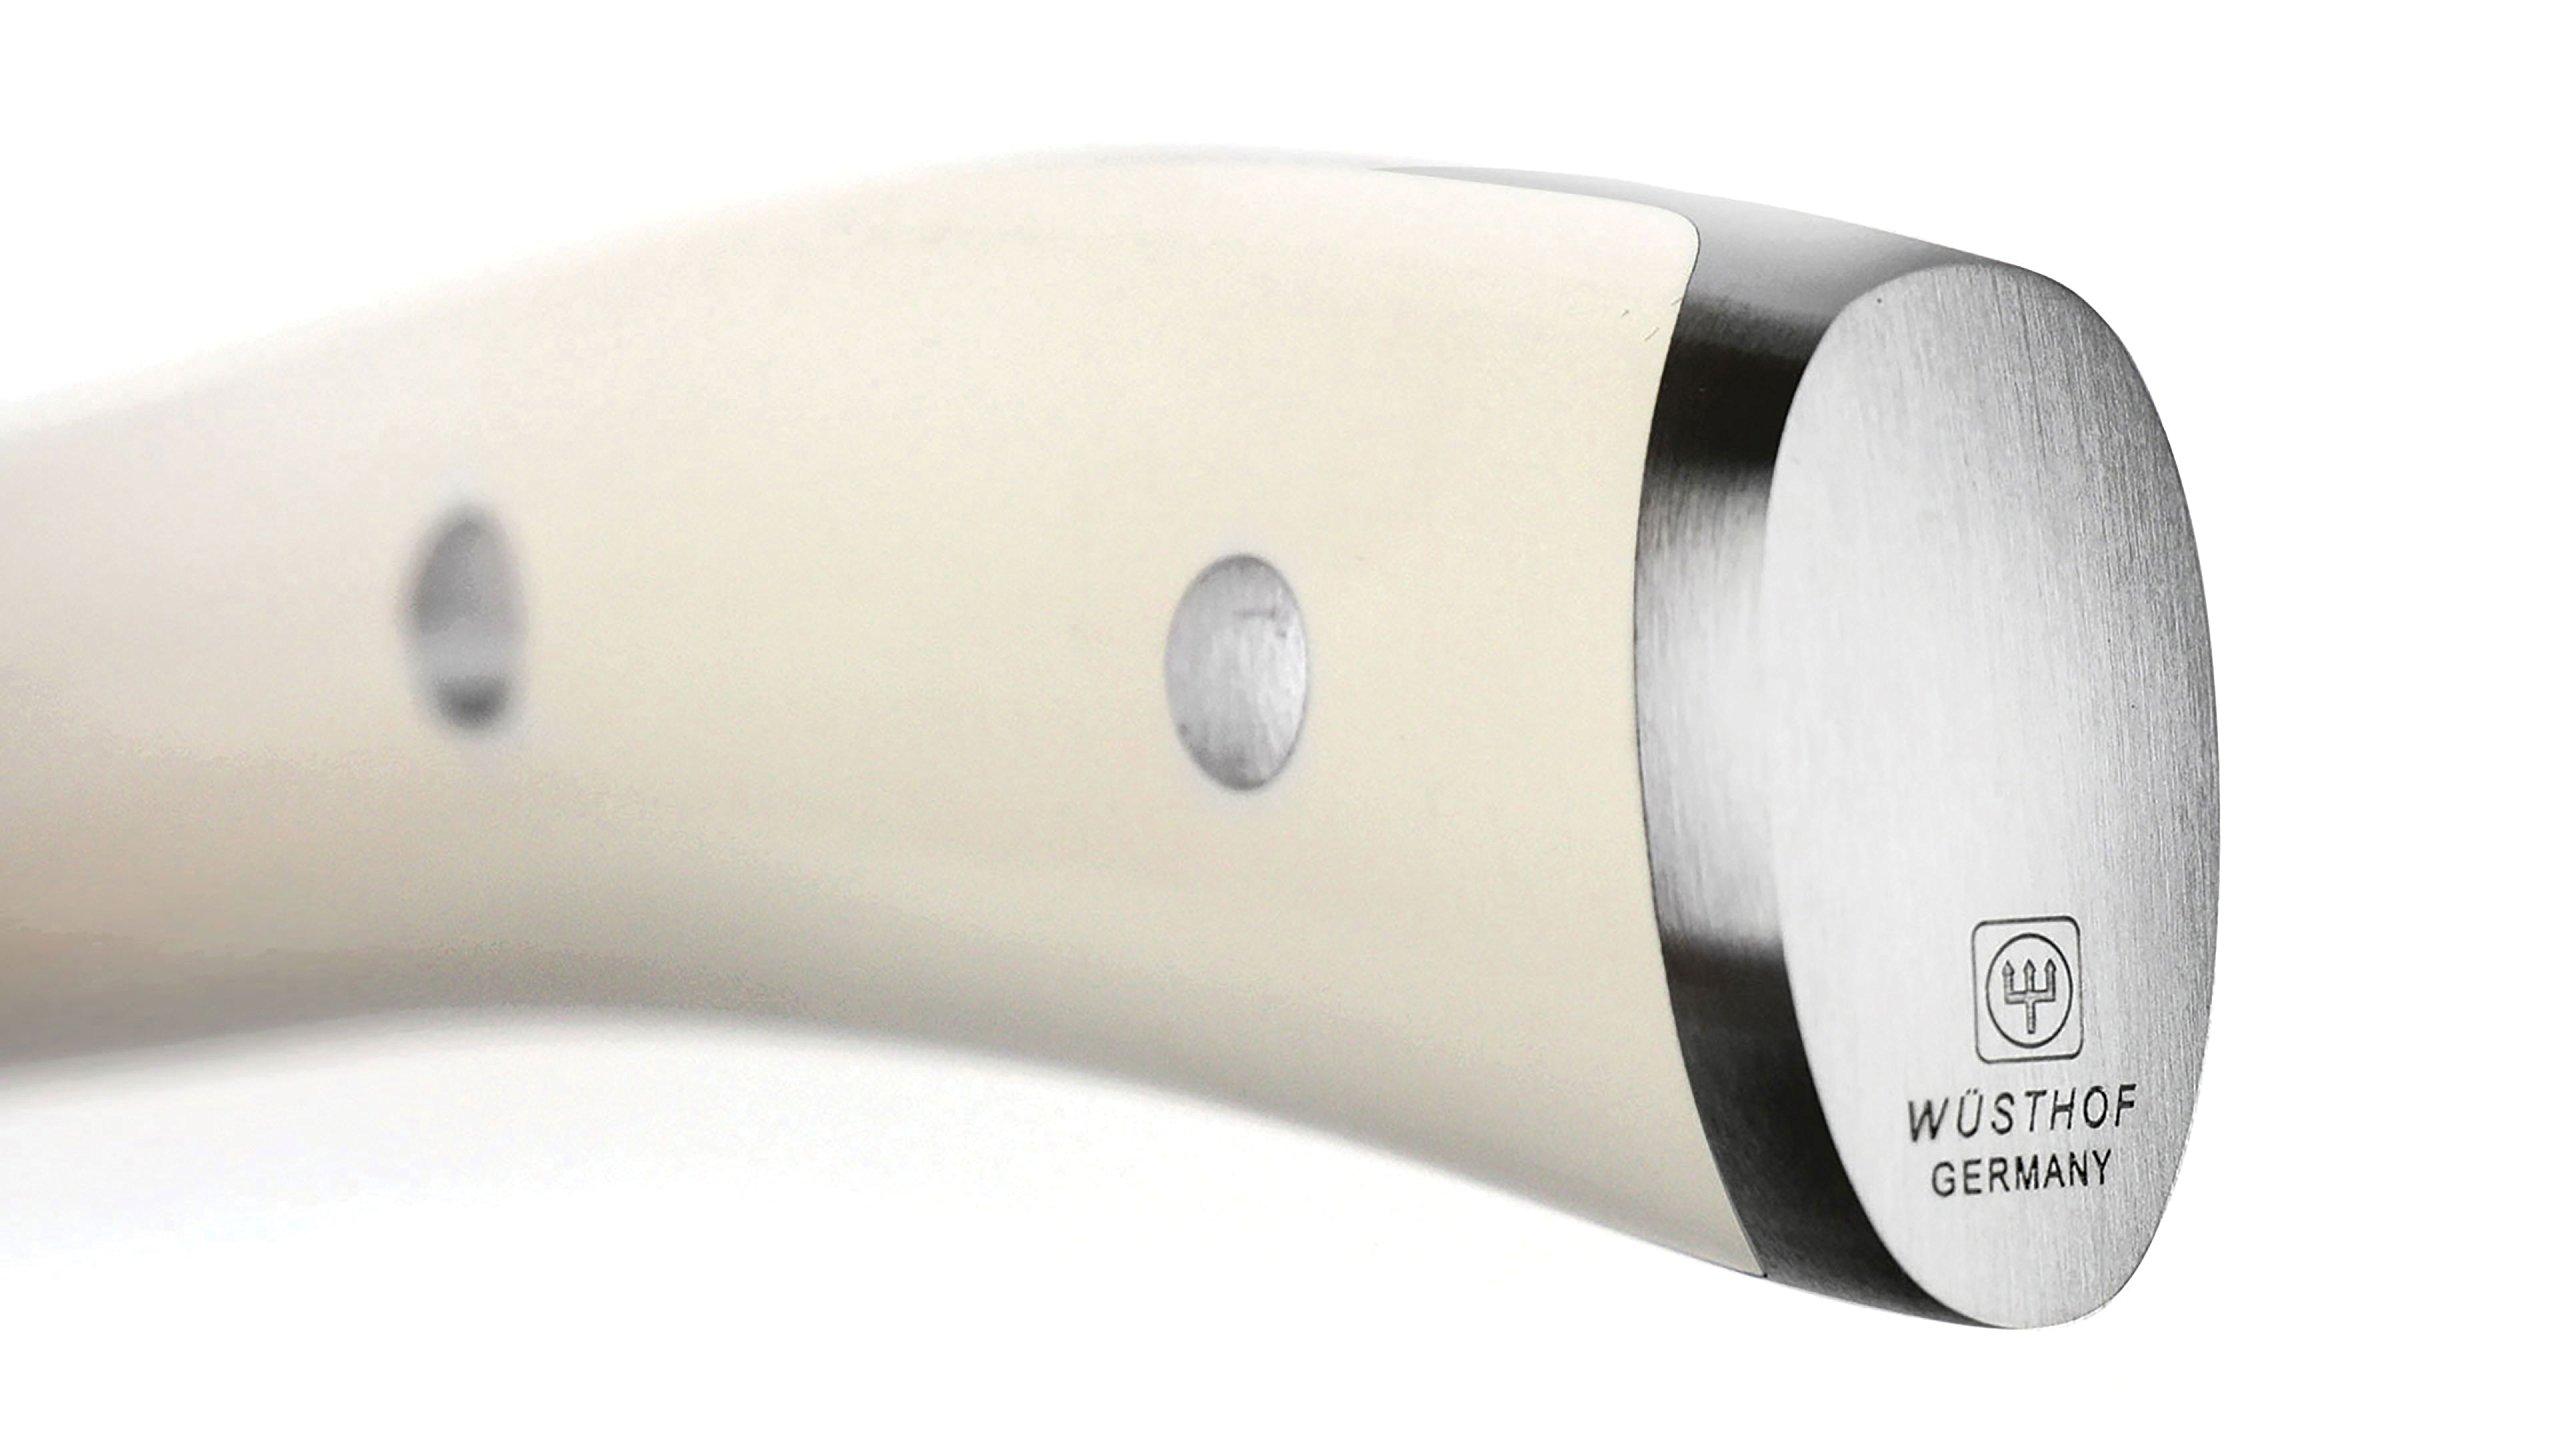 Wusthof Classic Ikon Creme 7-inch Hollow Edge Nakiri Knife, Off-white Handle by Wüsthof (Image #6)